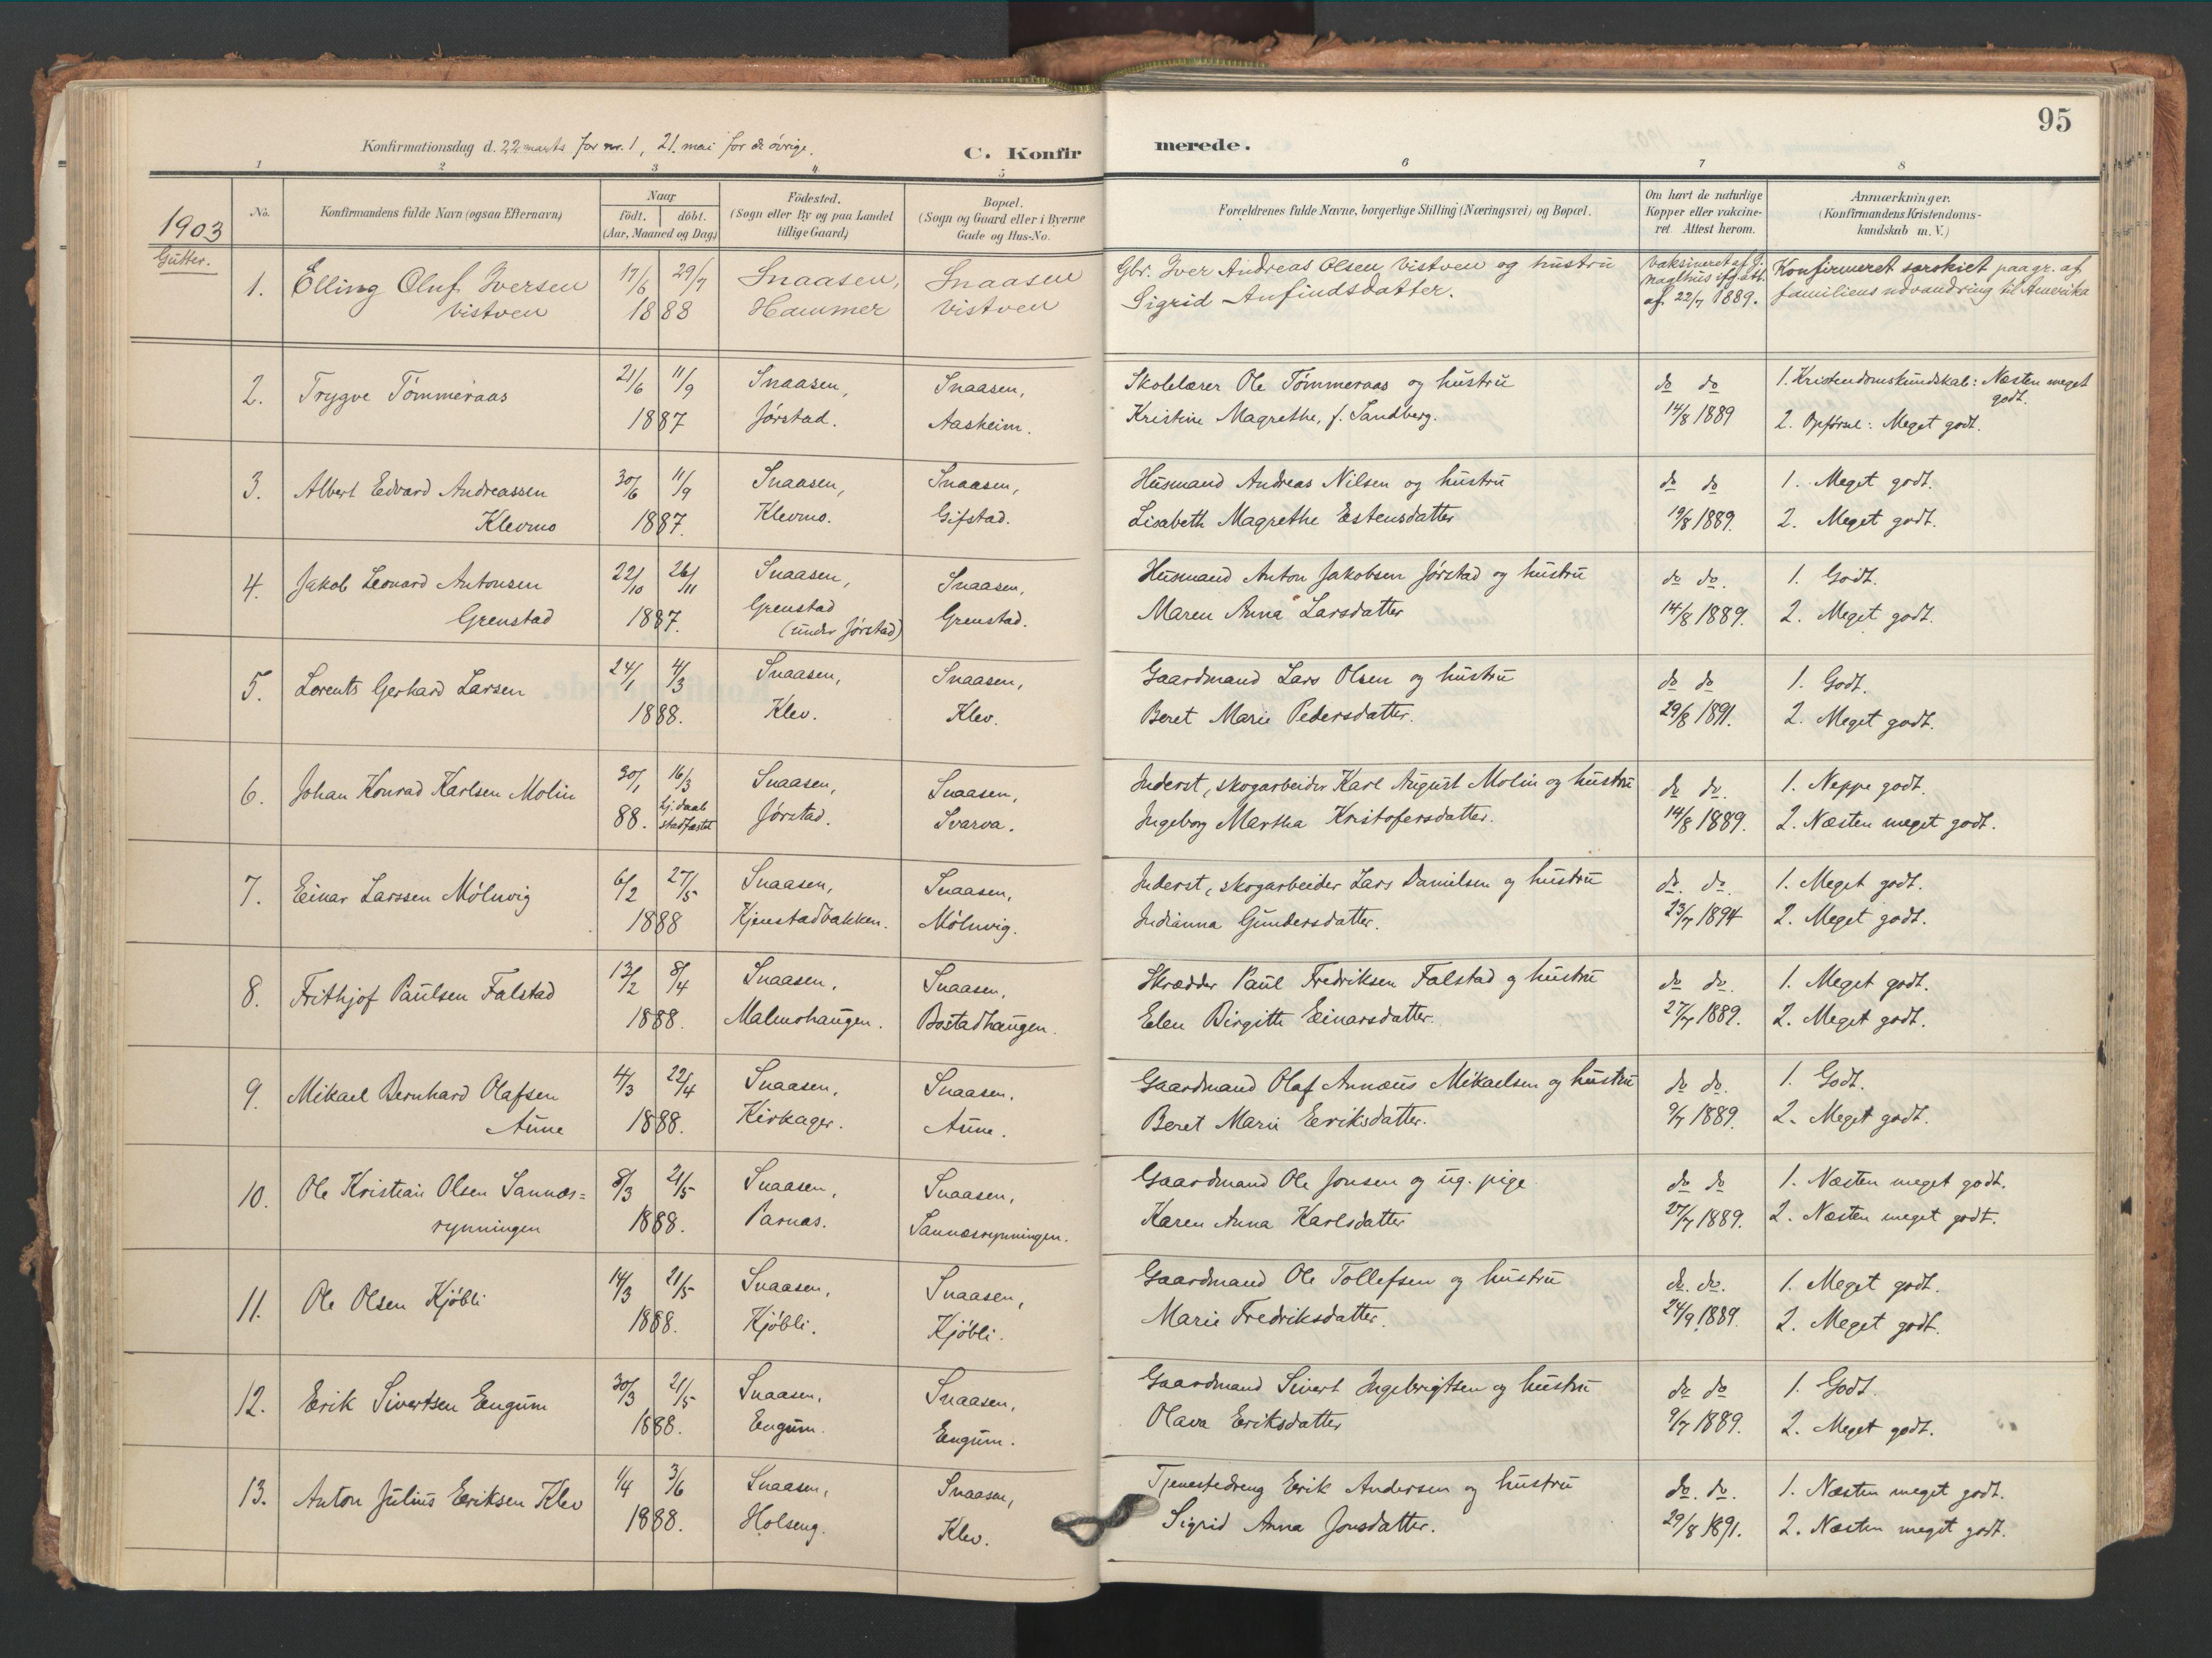 SAT, Ministerialprotokoller, klokkerbøker og fødselsregistre - Nord-Trøndelag, 749/L0477: Ministerialbok nr. 749A11, 1902-1927, s. 95